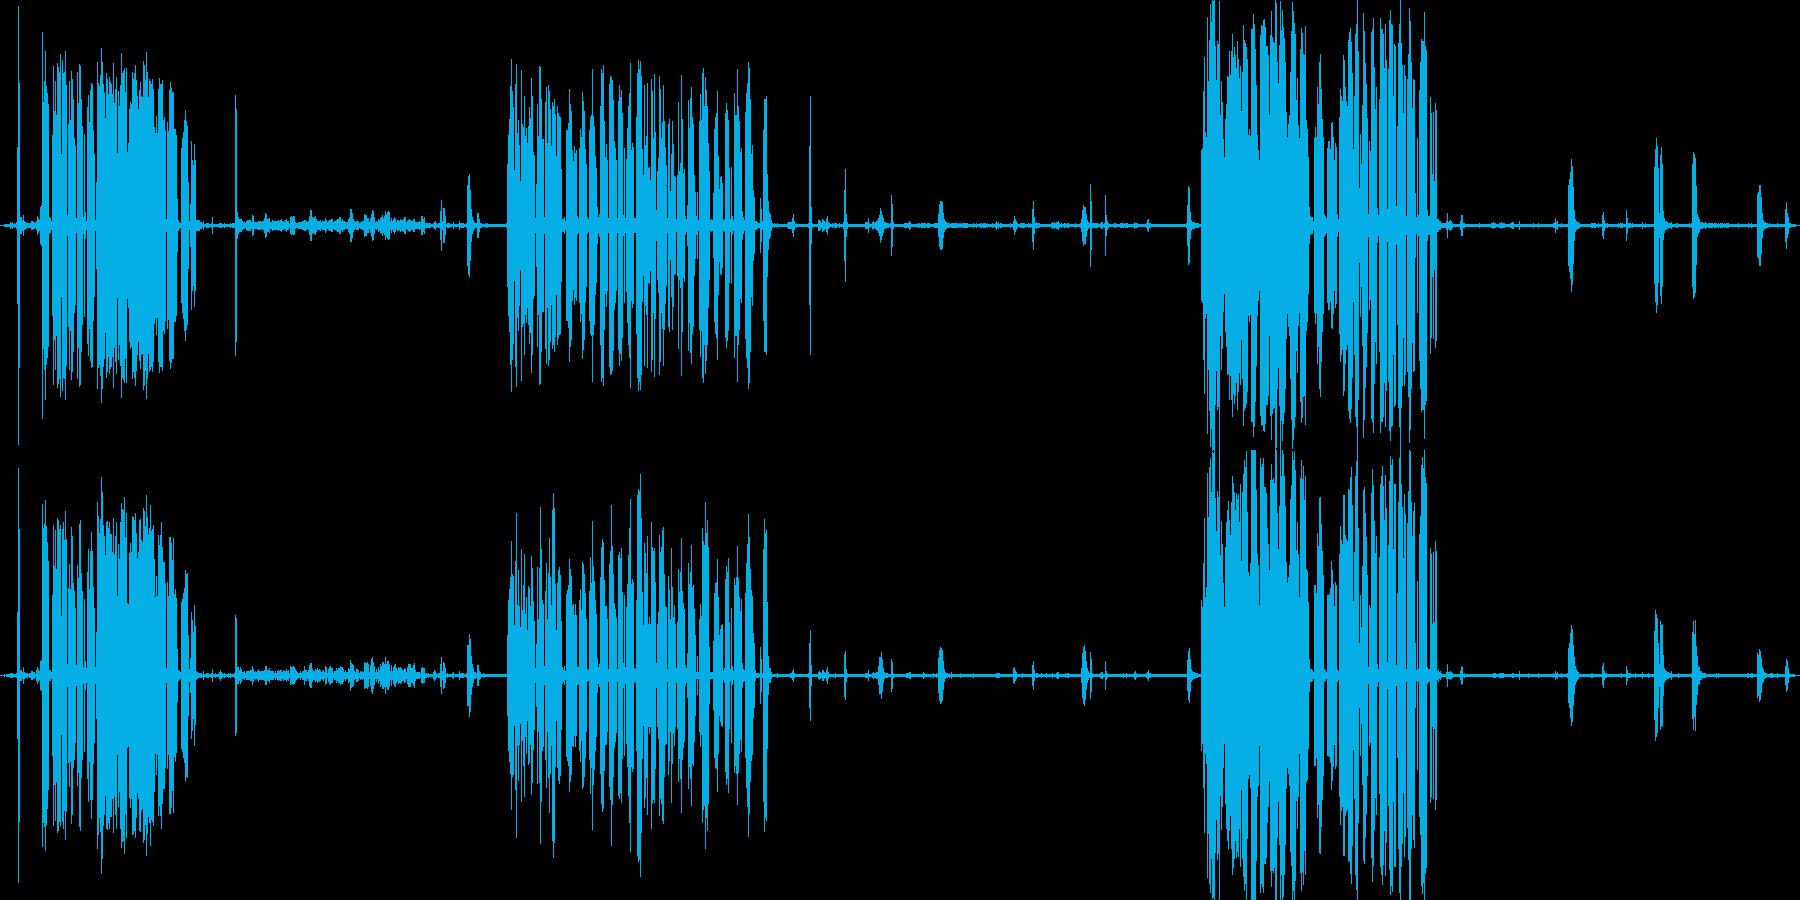 釧路湿原のタンチョウたち(冬の北海道)の再生済みの波形